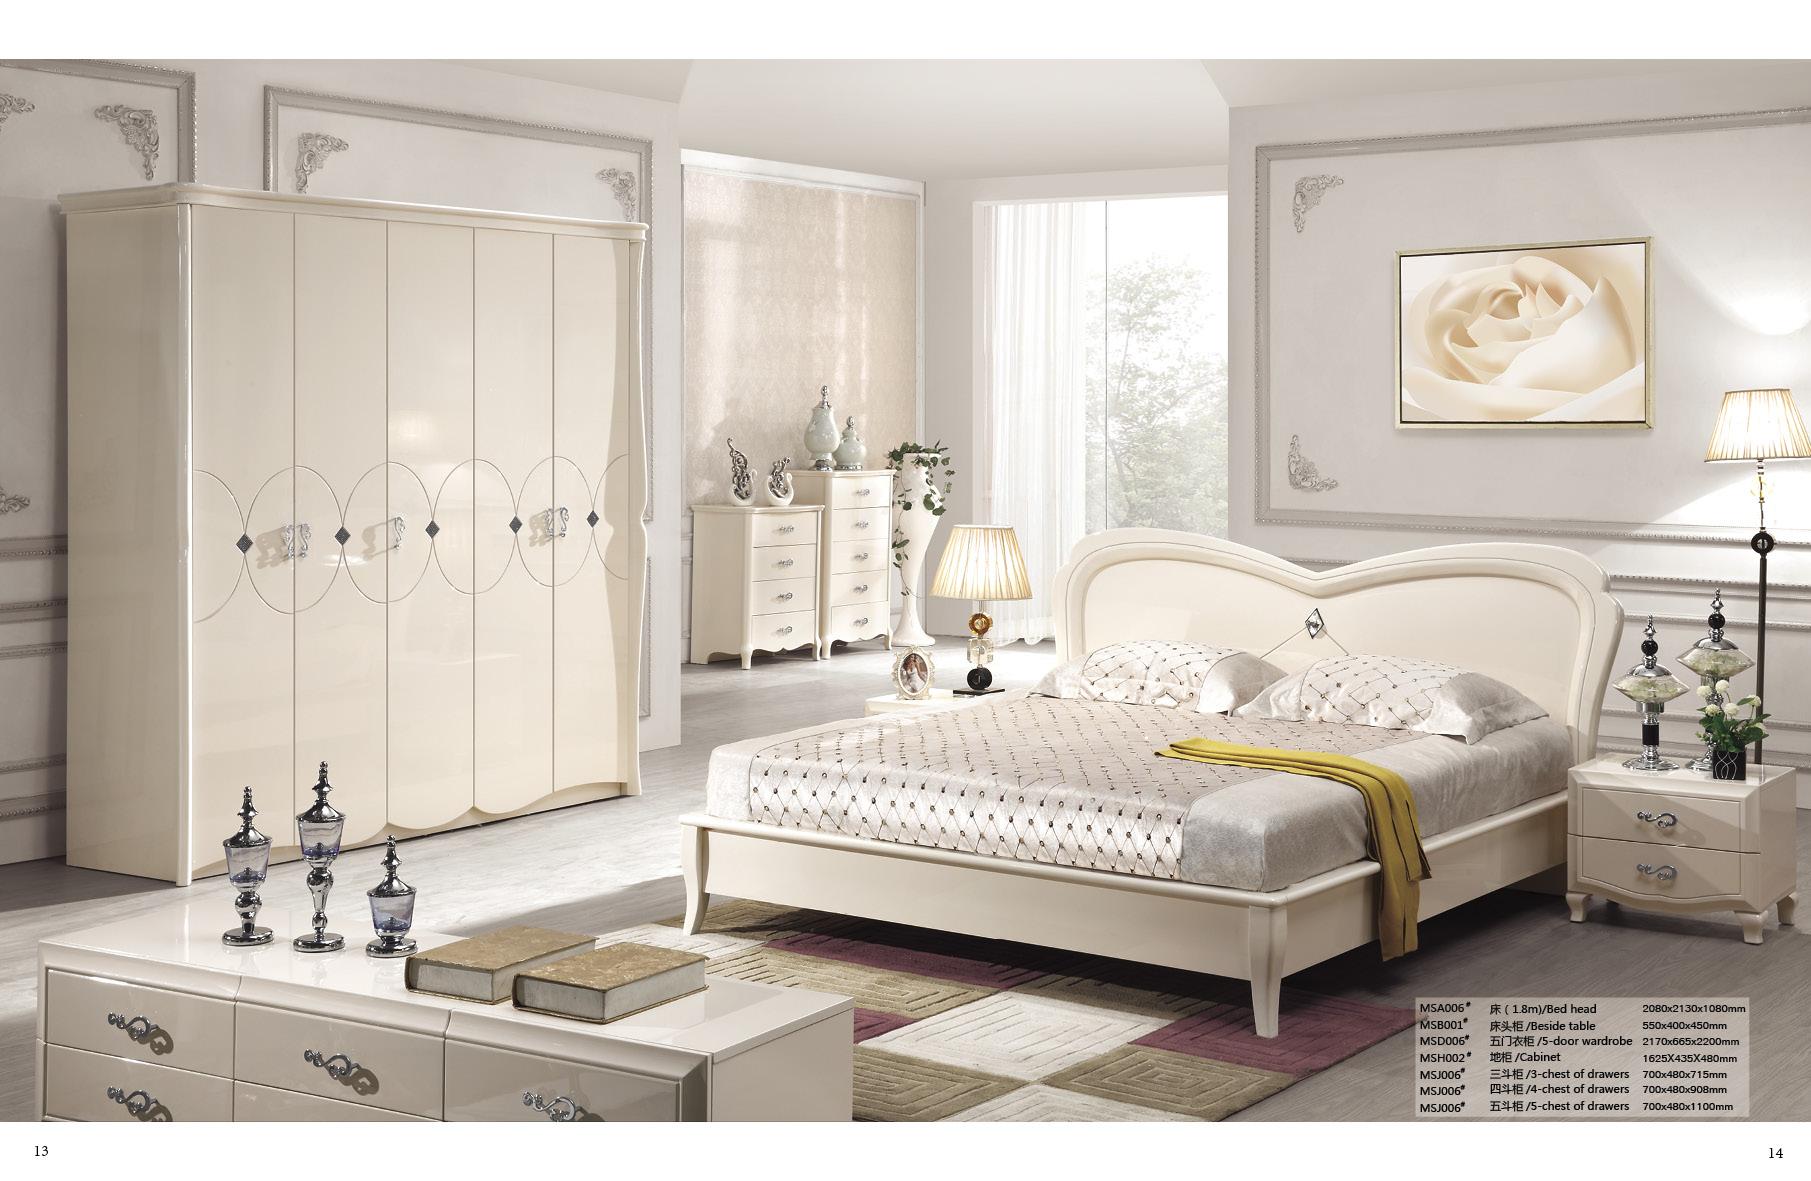 供应用于卧房的佛山市顺德简欧家具简欧床加床头柜